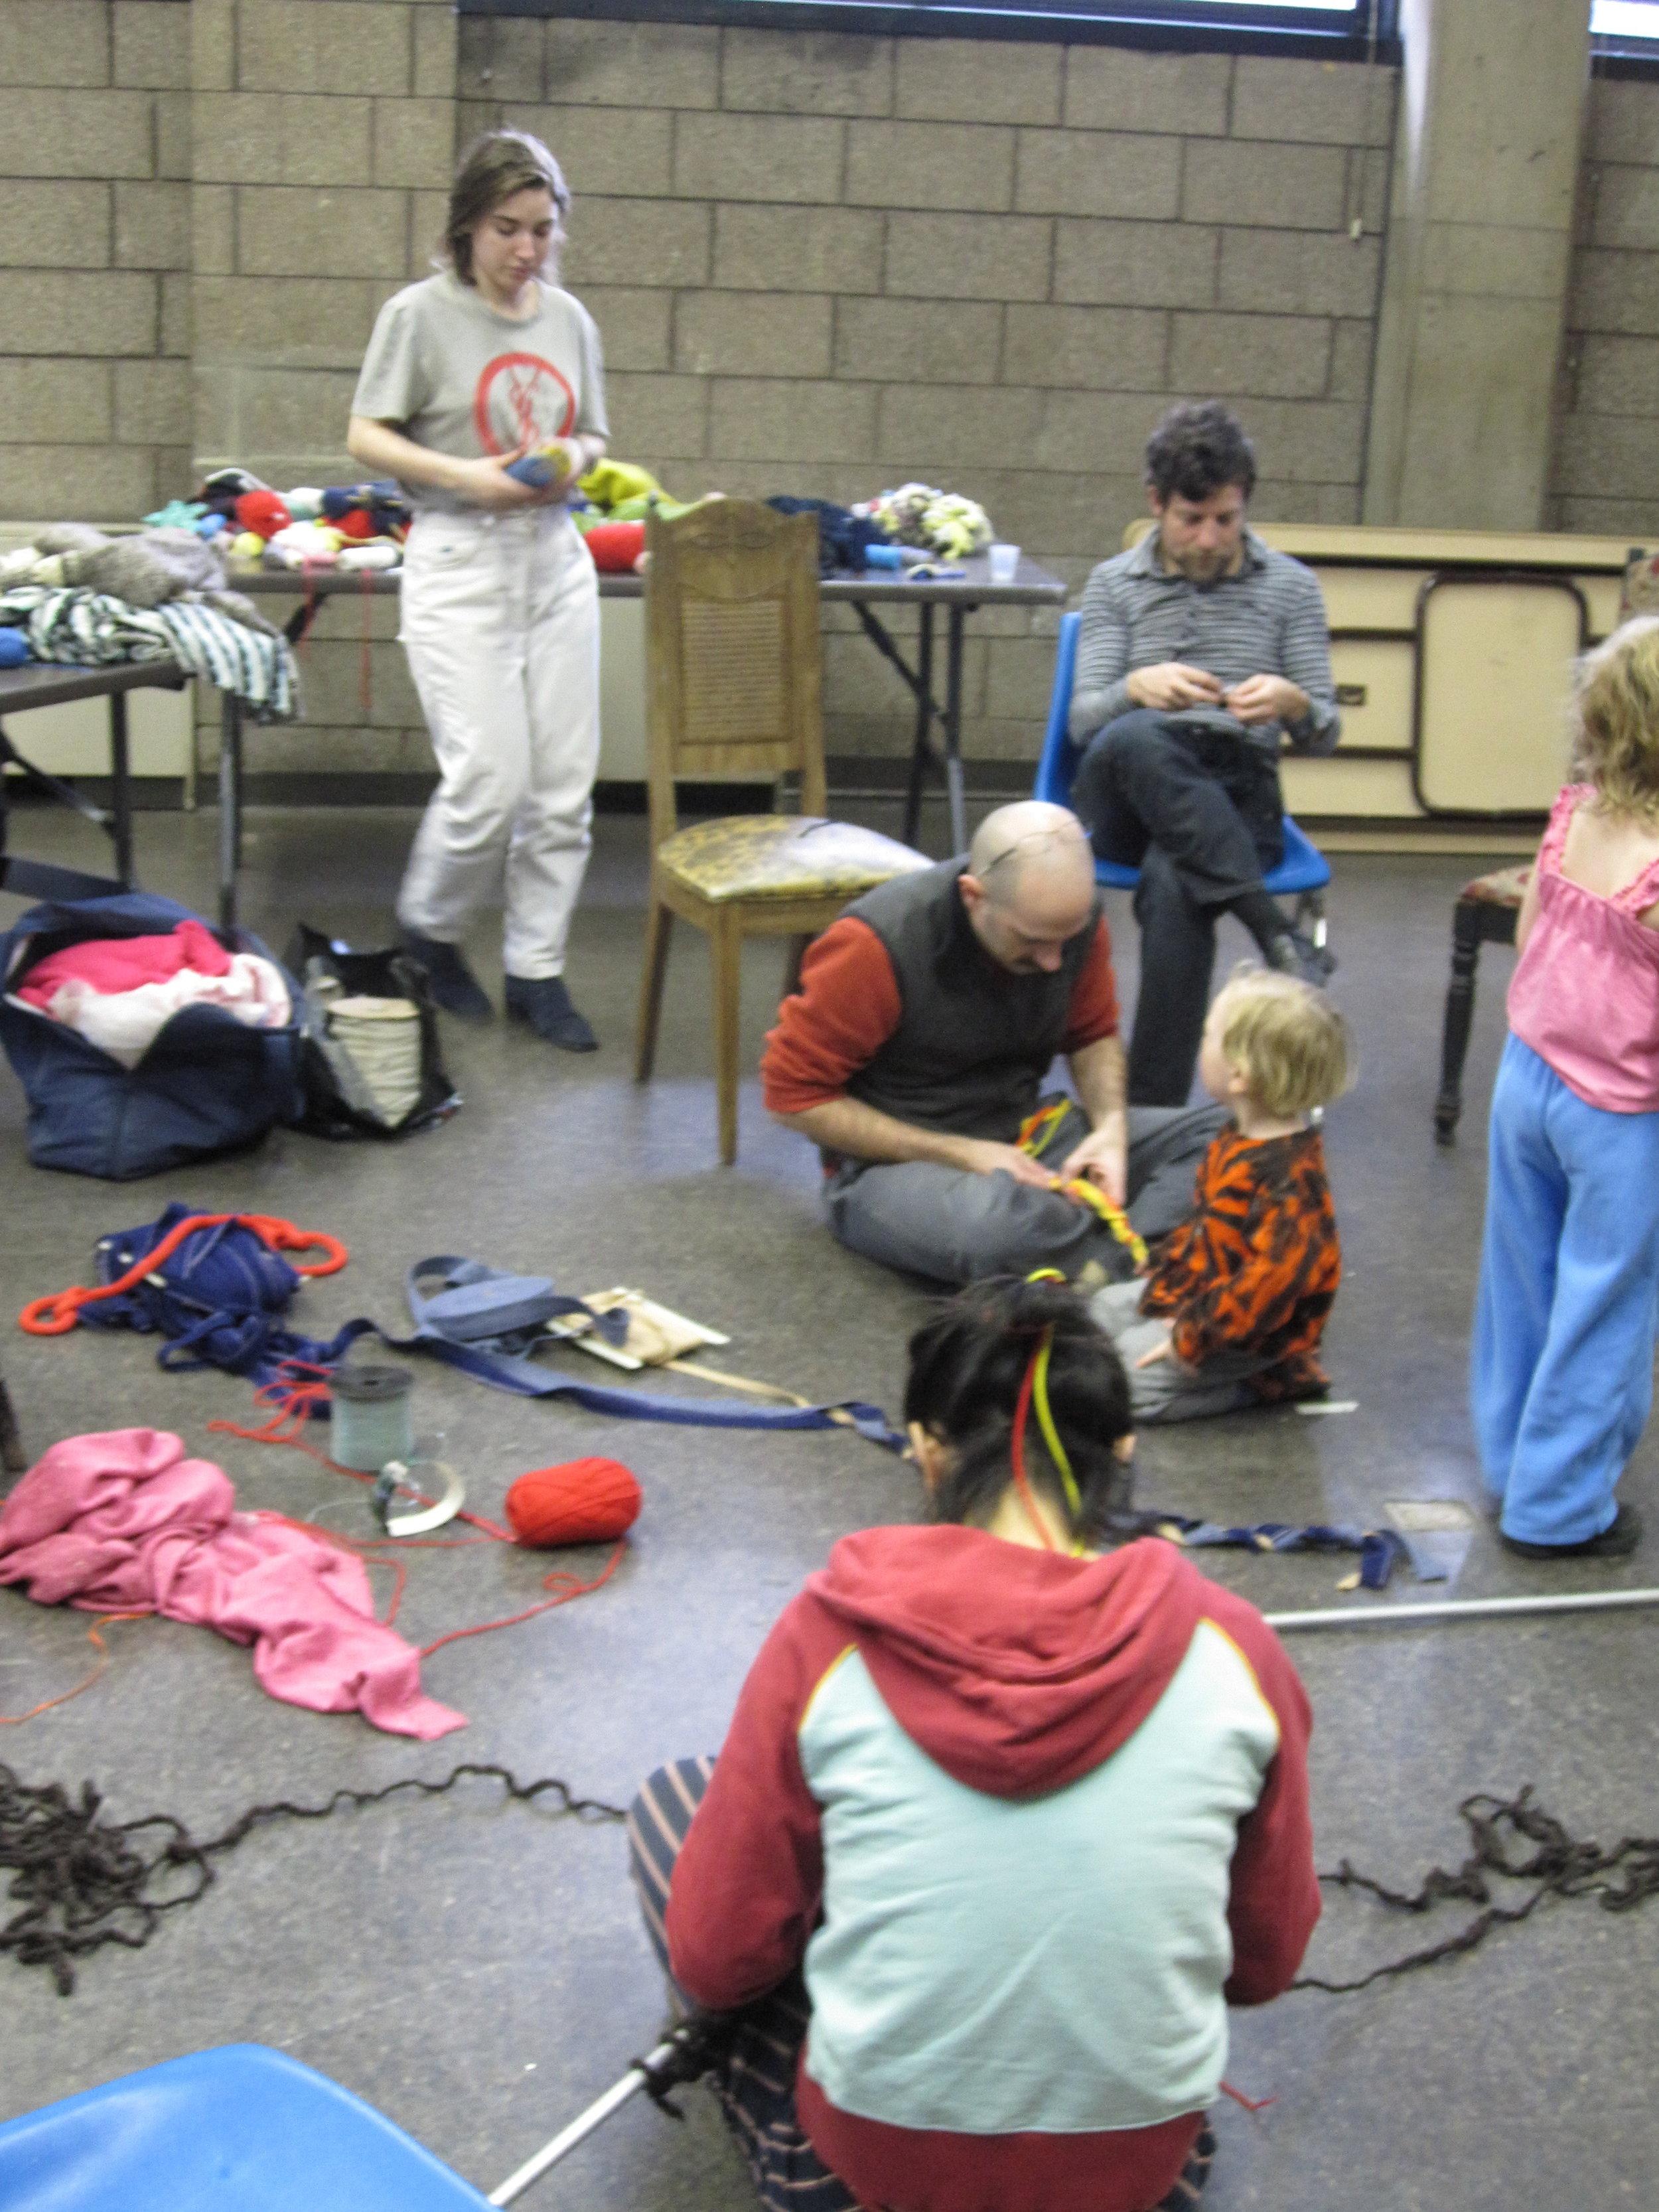 knittingmarathon10_4314423479_o.jpg